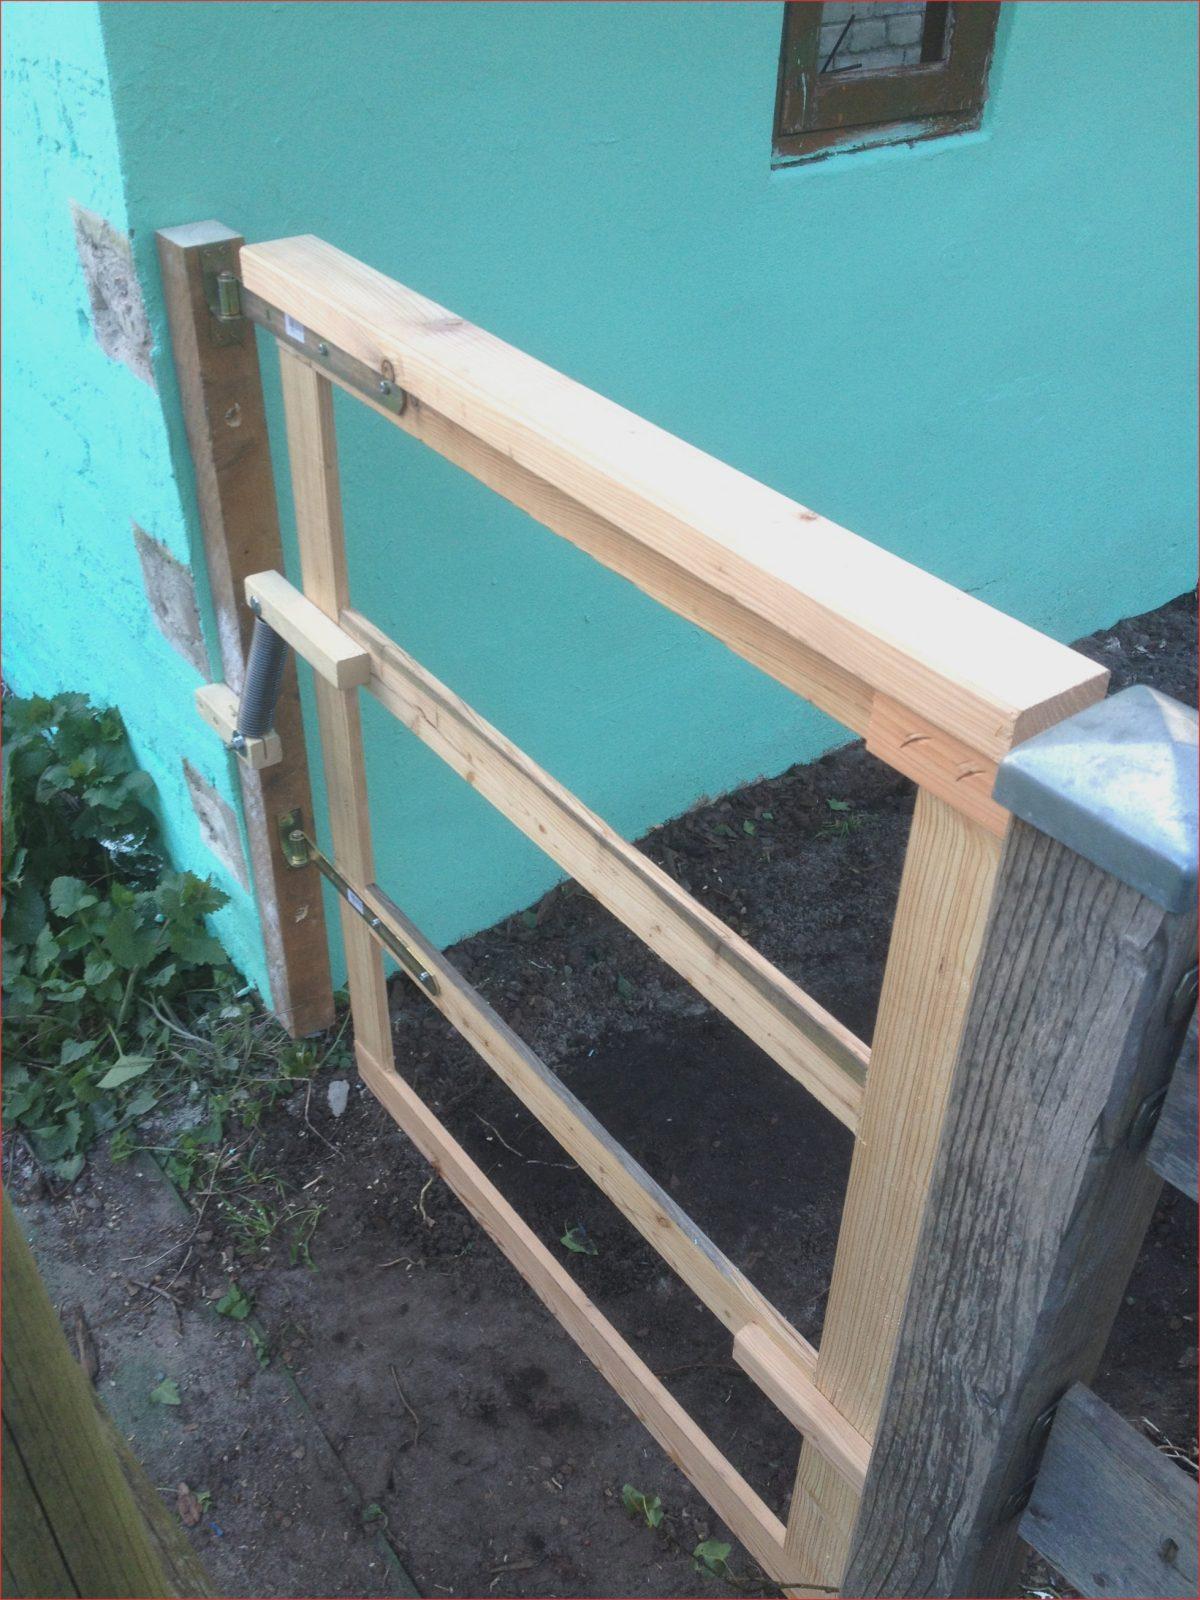 Gartentor Holz Selber Bauen Bauanleitung – Bvrao A72R Planen Für von Gartentor Holz Selber Bauen Bild